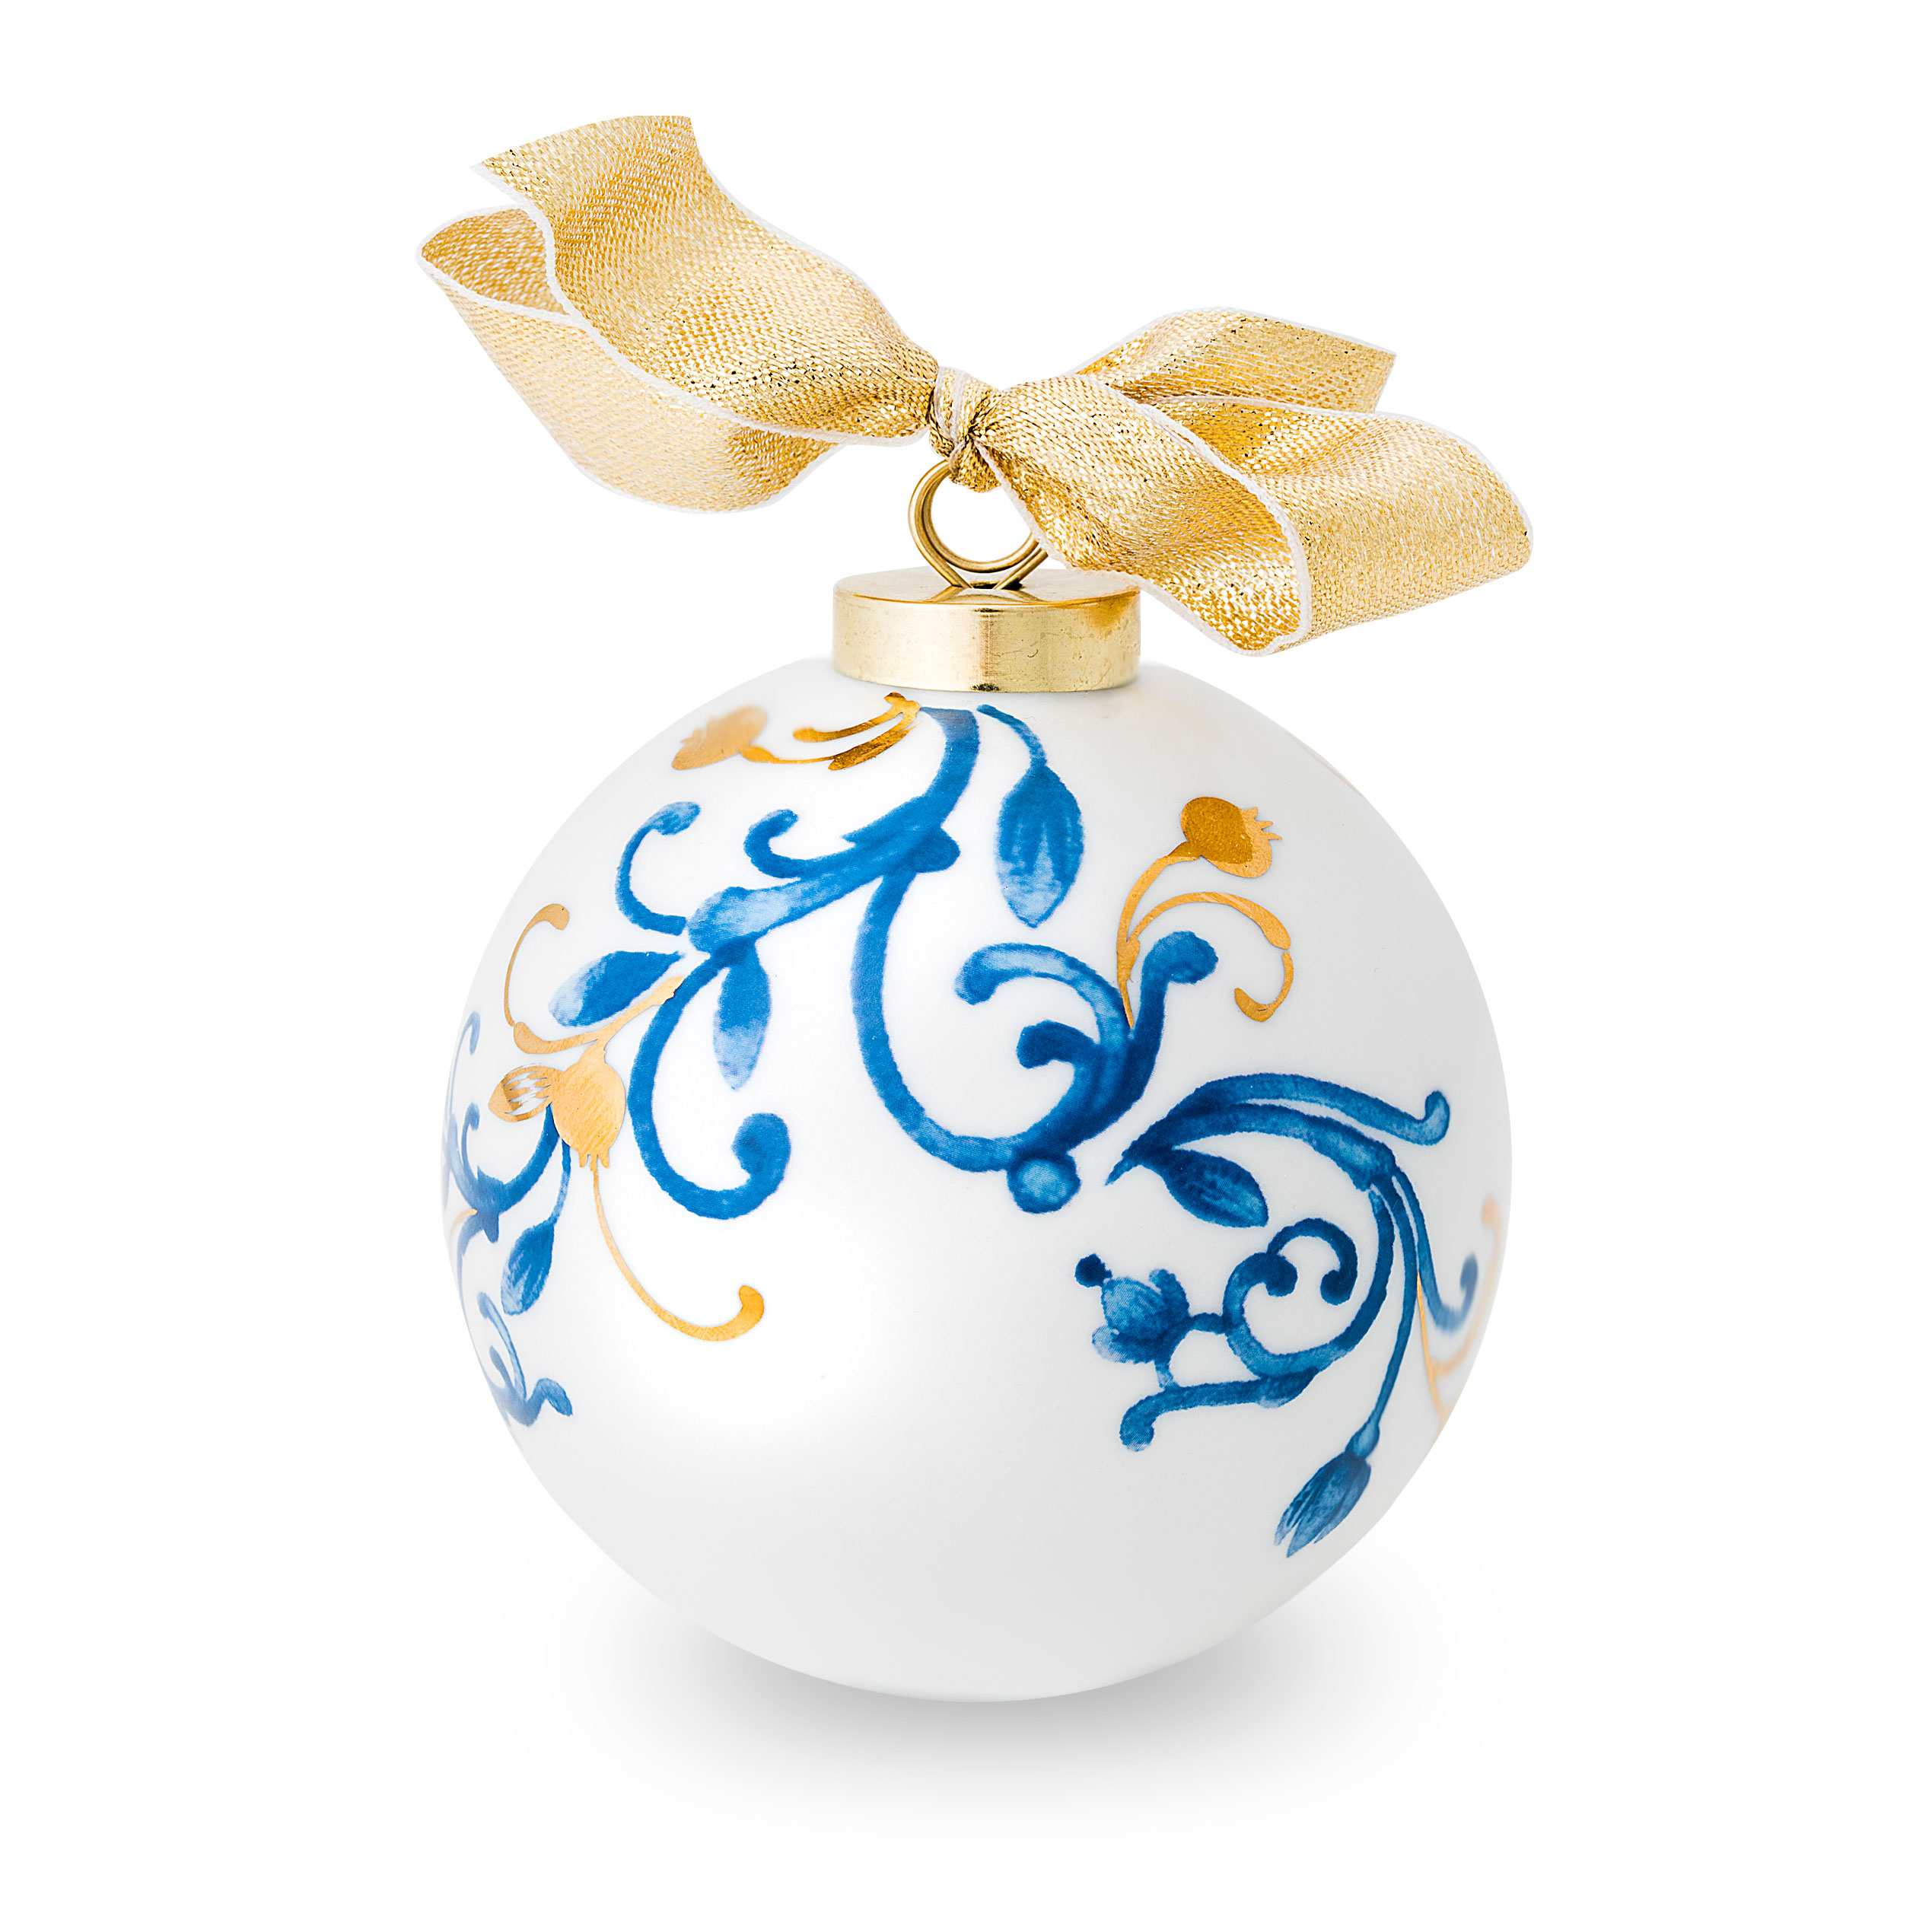 globuri de Crăciun deosebite alb cu albastru